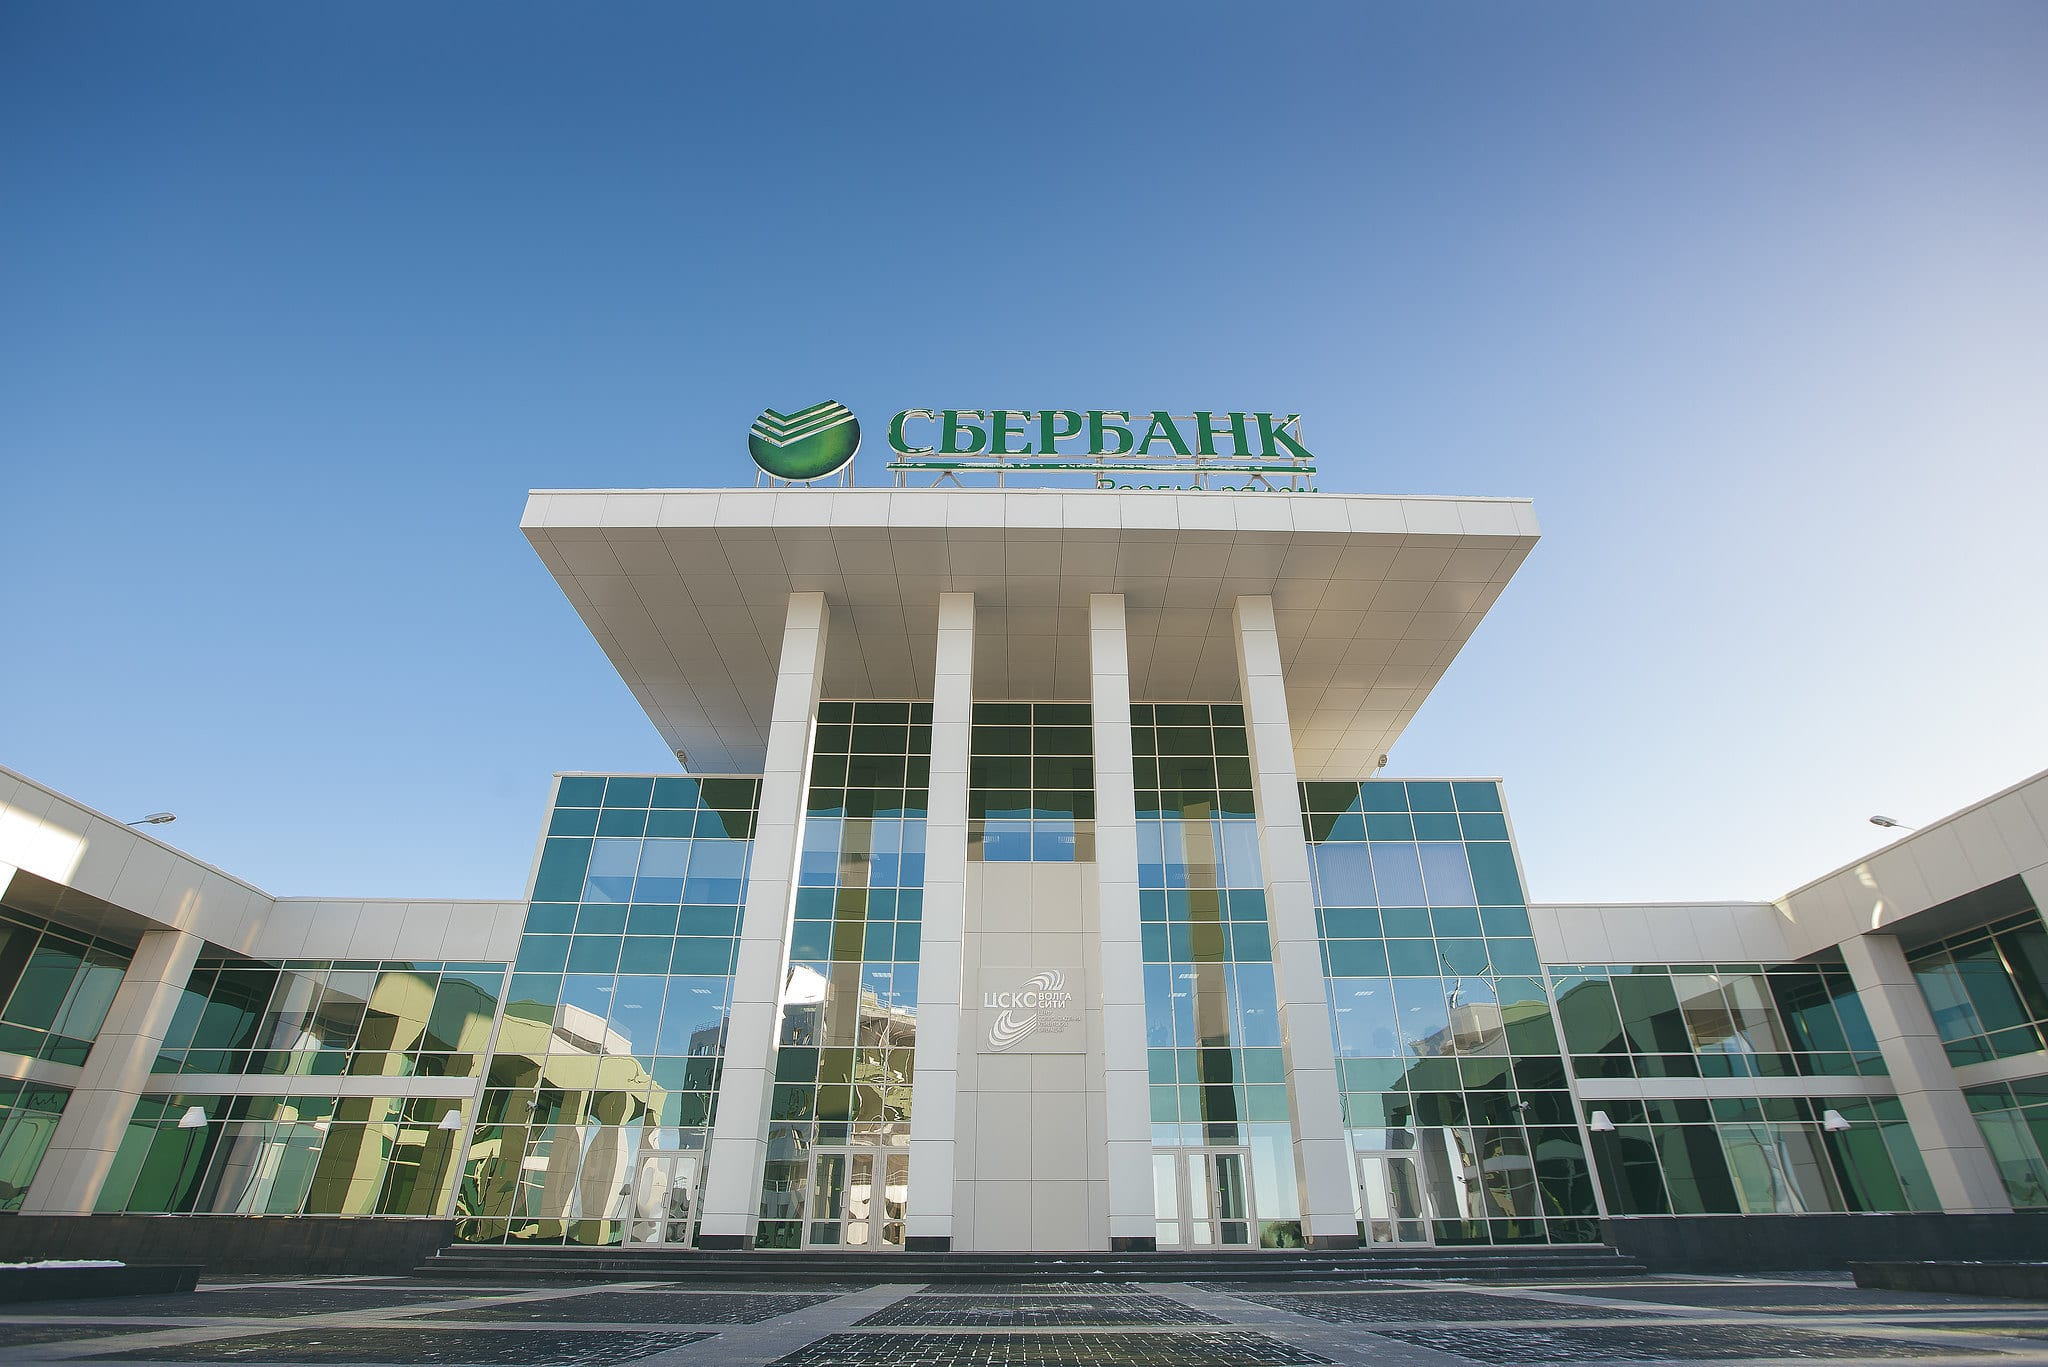 Правительство за деньги ФНБ выкупит Сбербанк у Центробанка. Эксперт объяснил, зачем это нужно